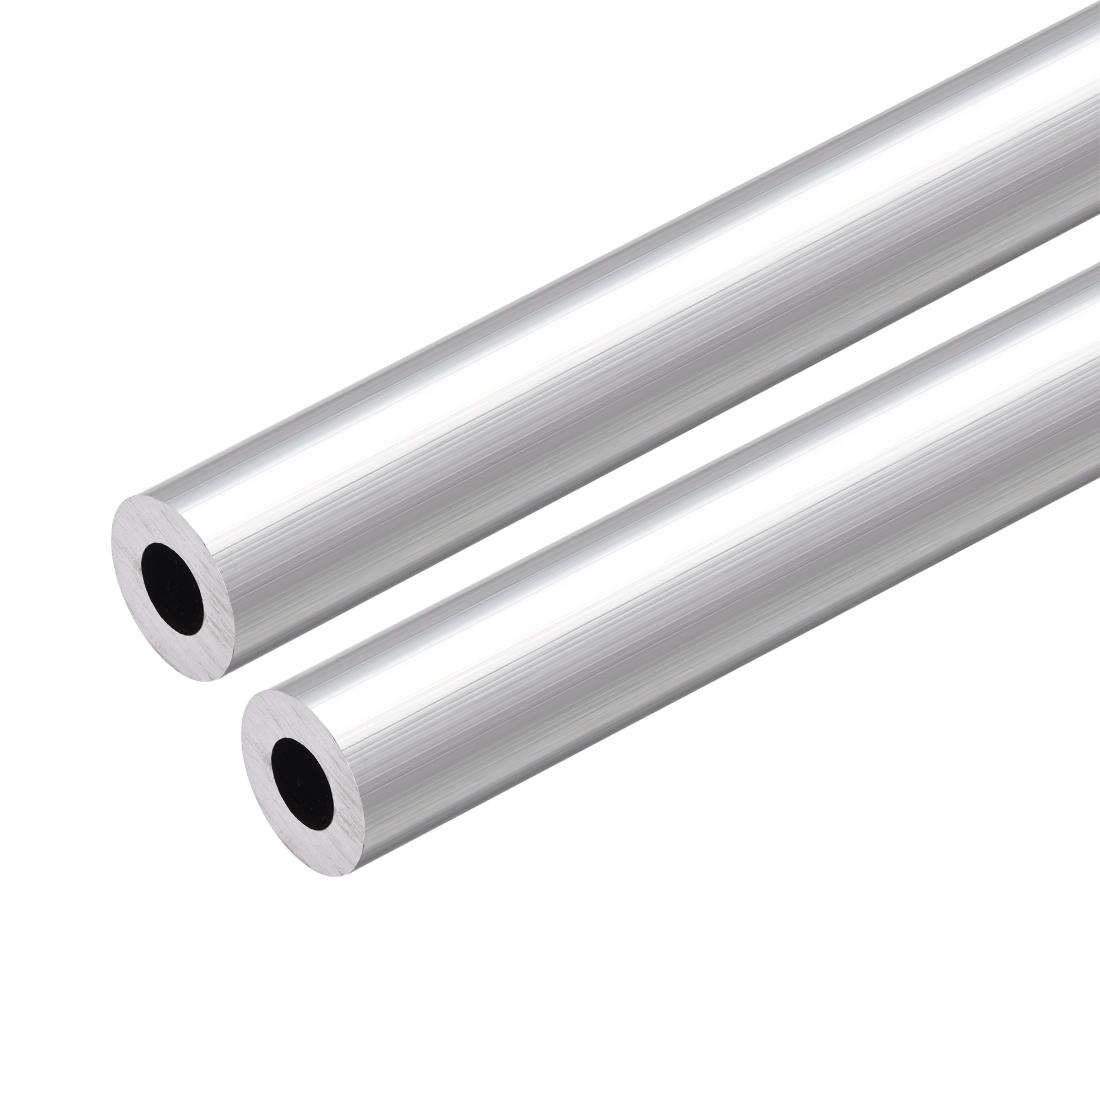 6063 Aluminum Round Tube 300mm Length 18mm OD 9mm Inner Dia Seamless Tubing 2pcs